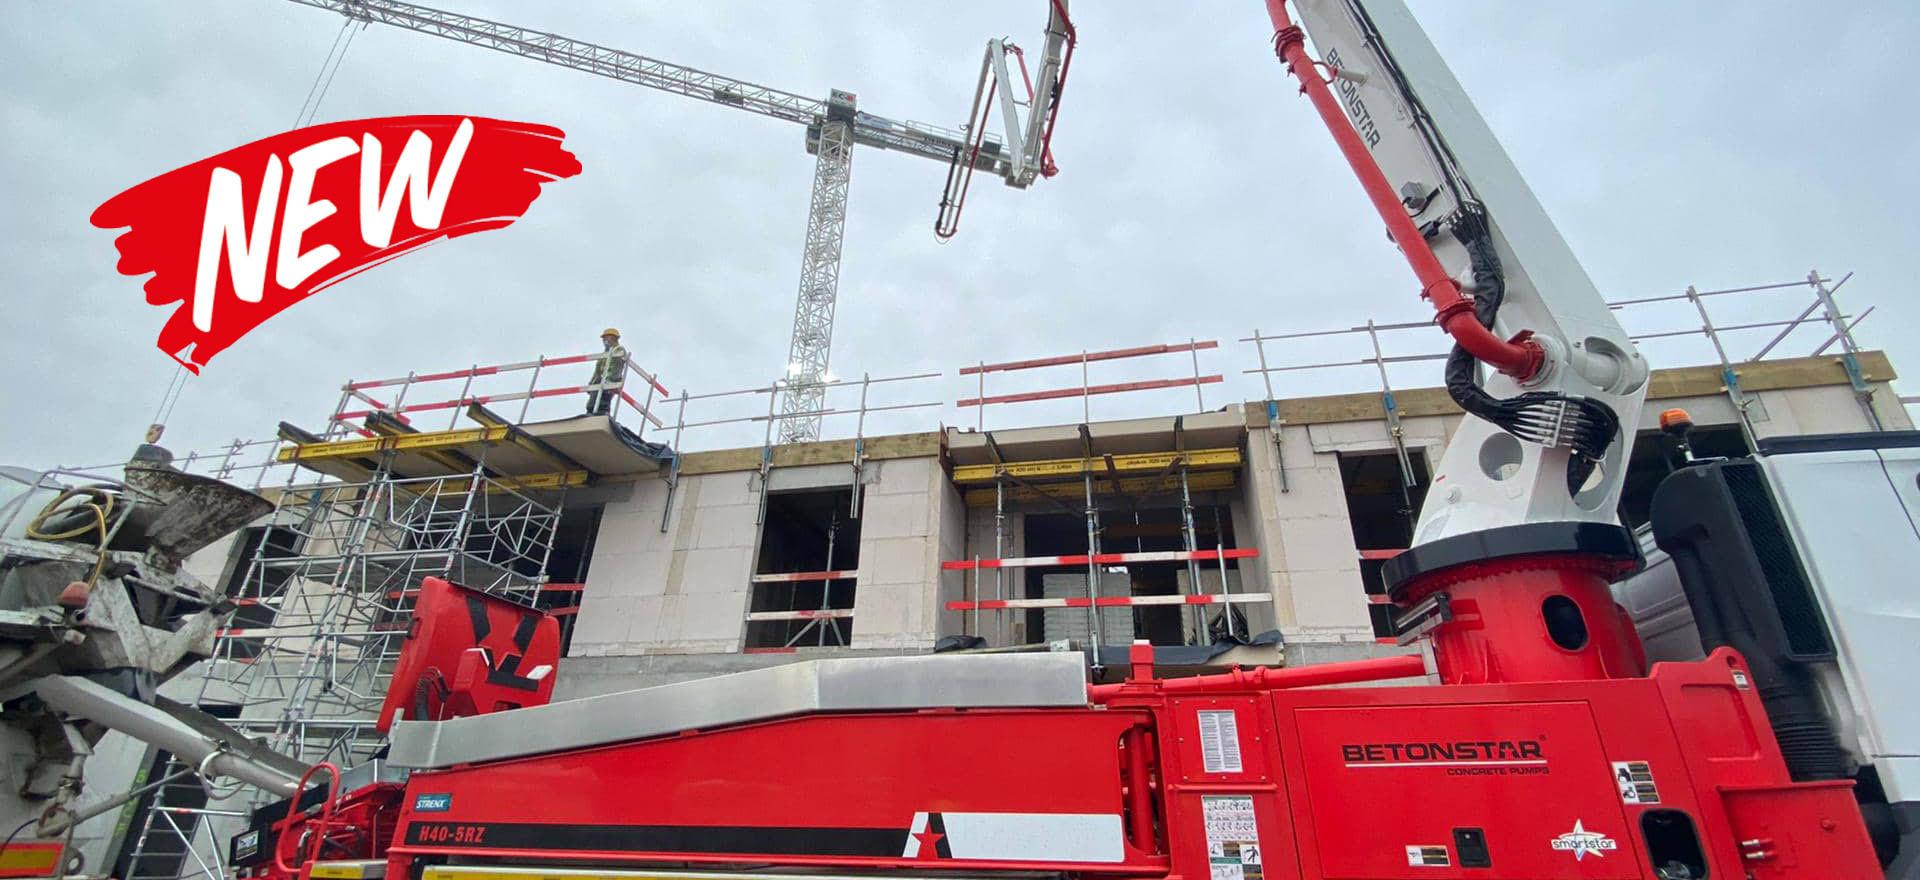 Levering van een nieuwe Betonstar H40-5RZ betonpomp